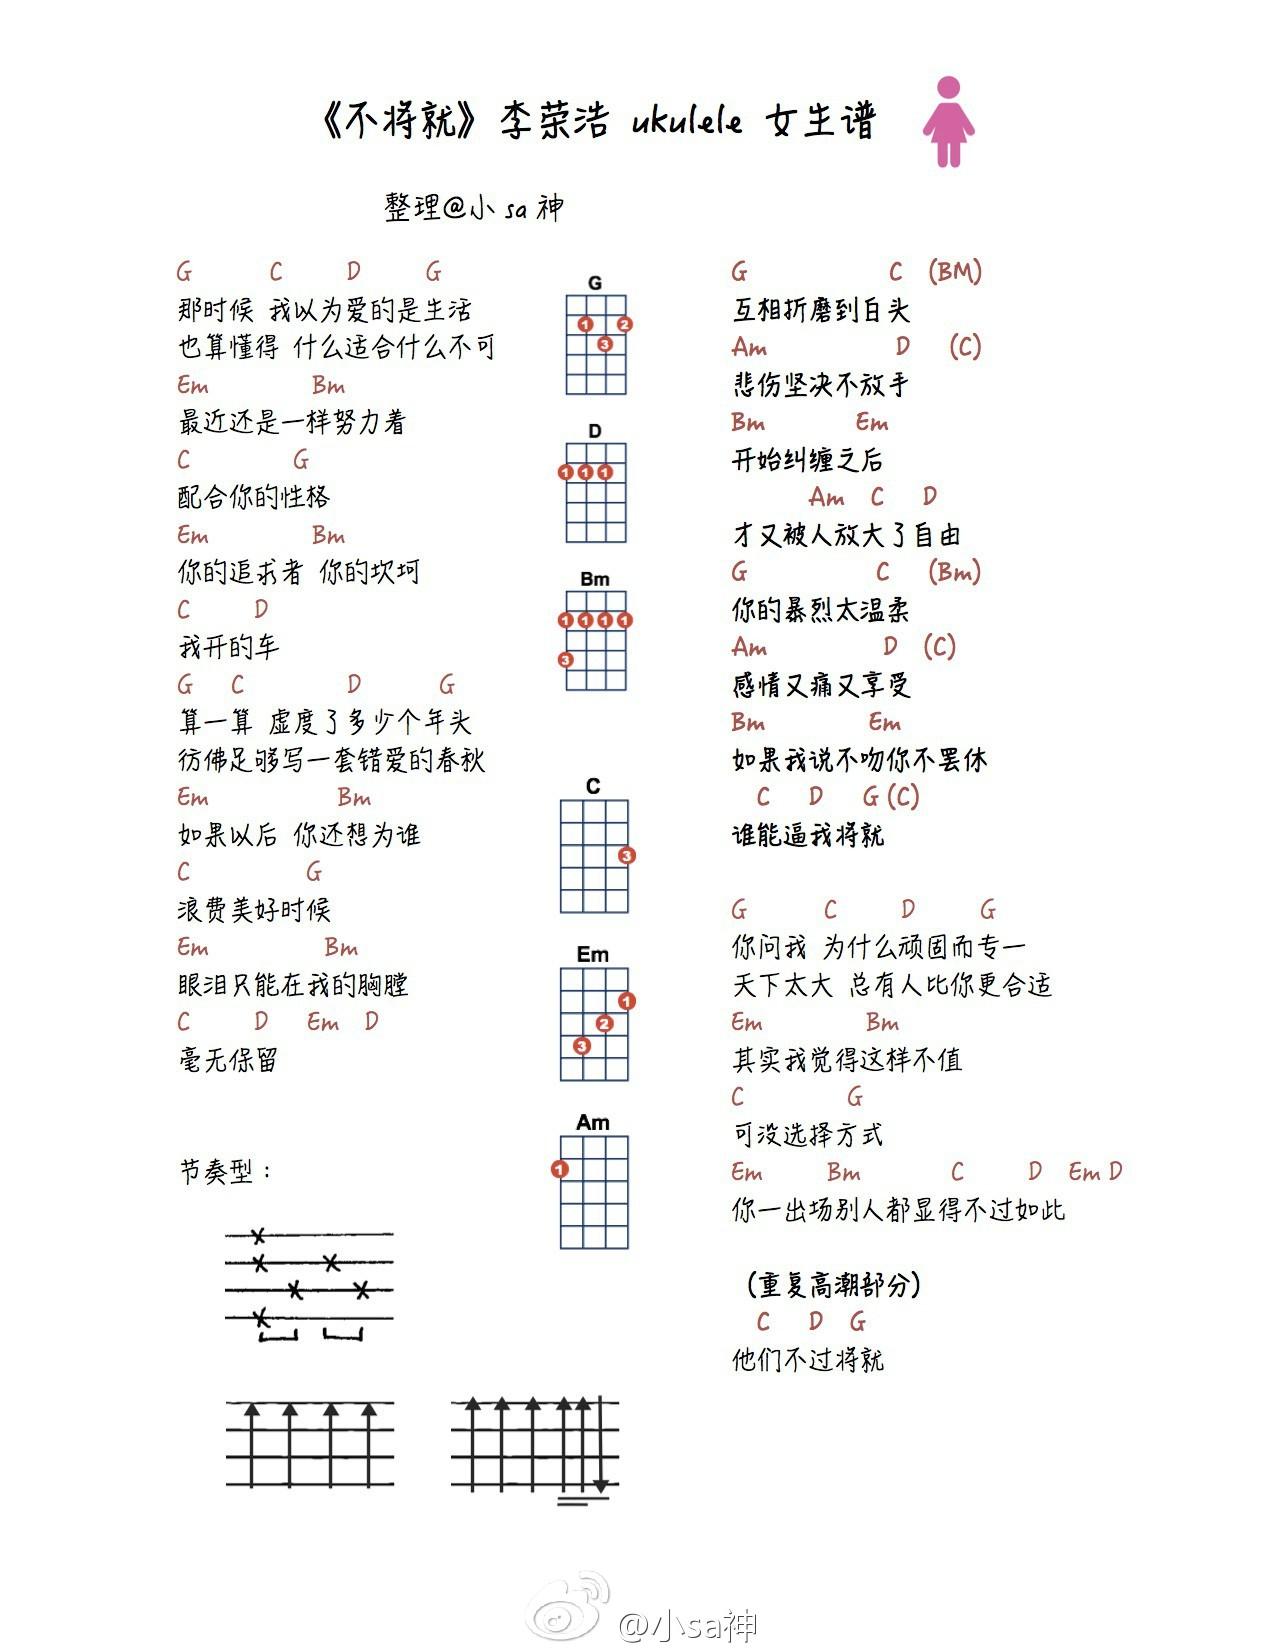 《不将就》ukulele谱女生版